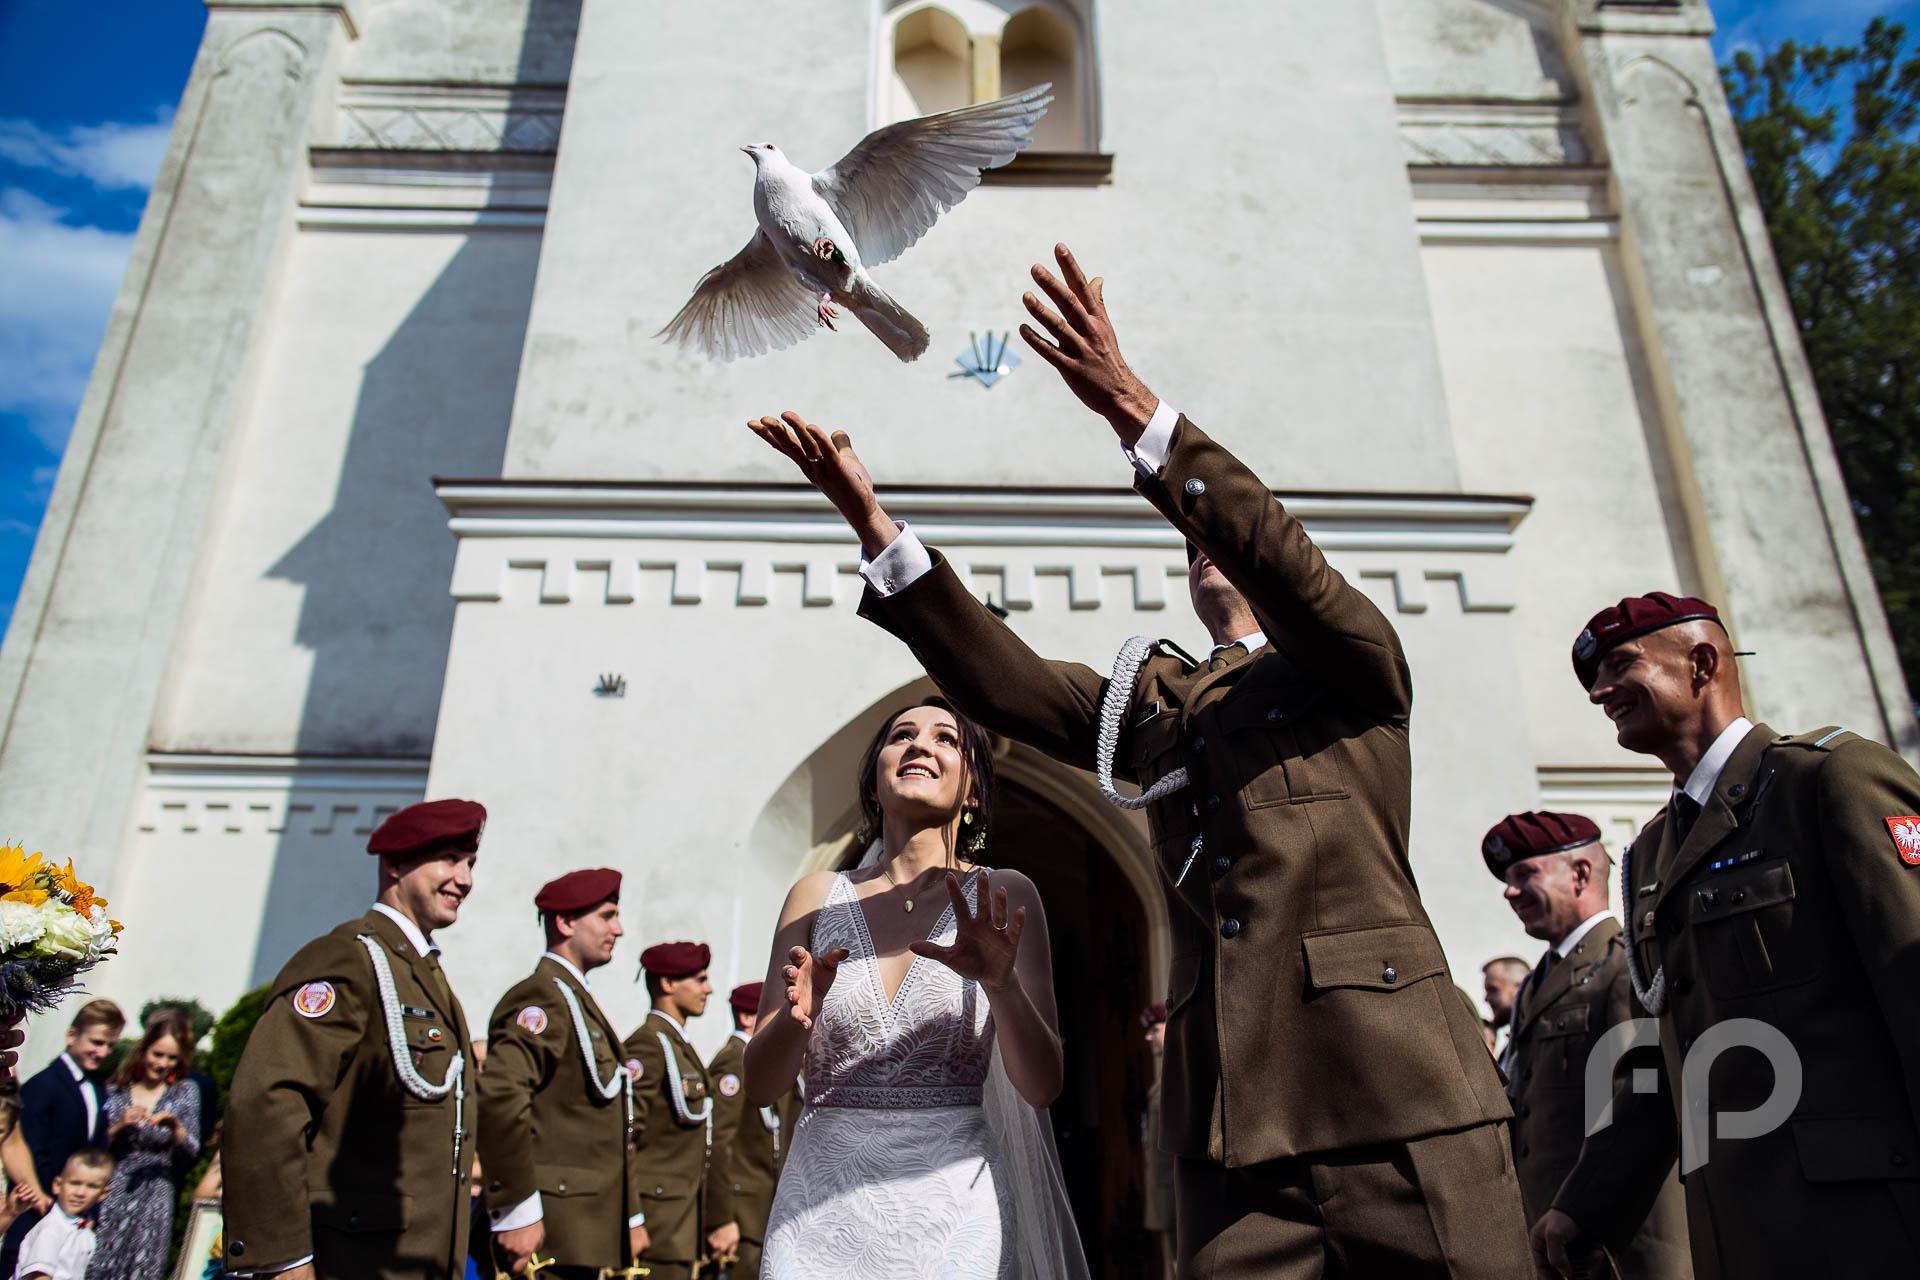 wypuszczanie gołebii przed kościołem